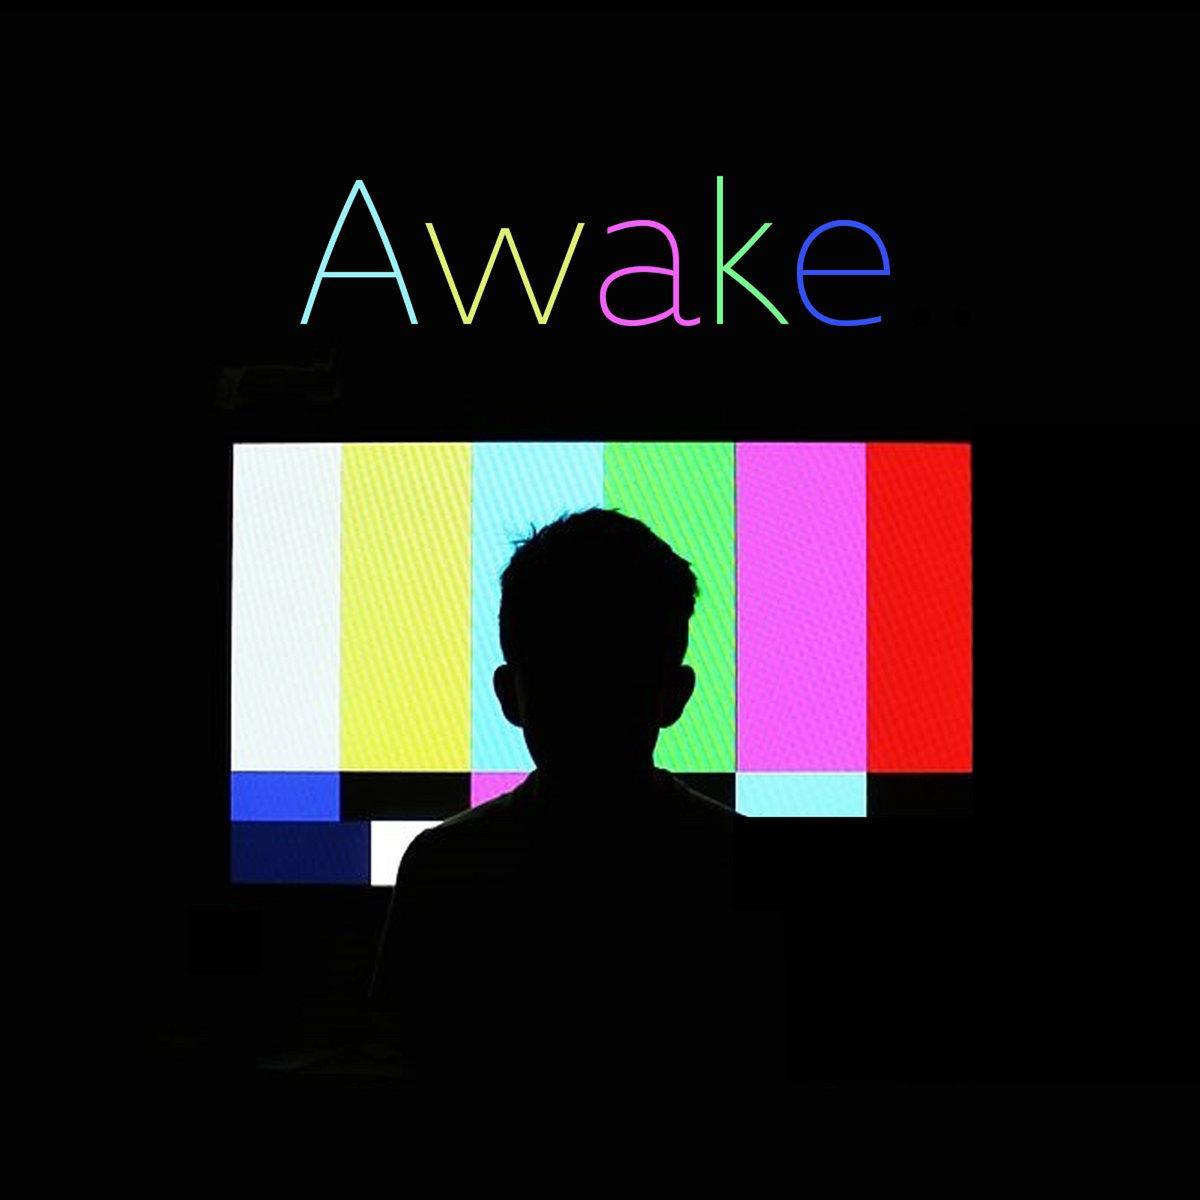 Awake | The Secession